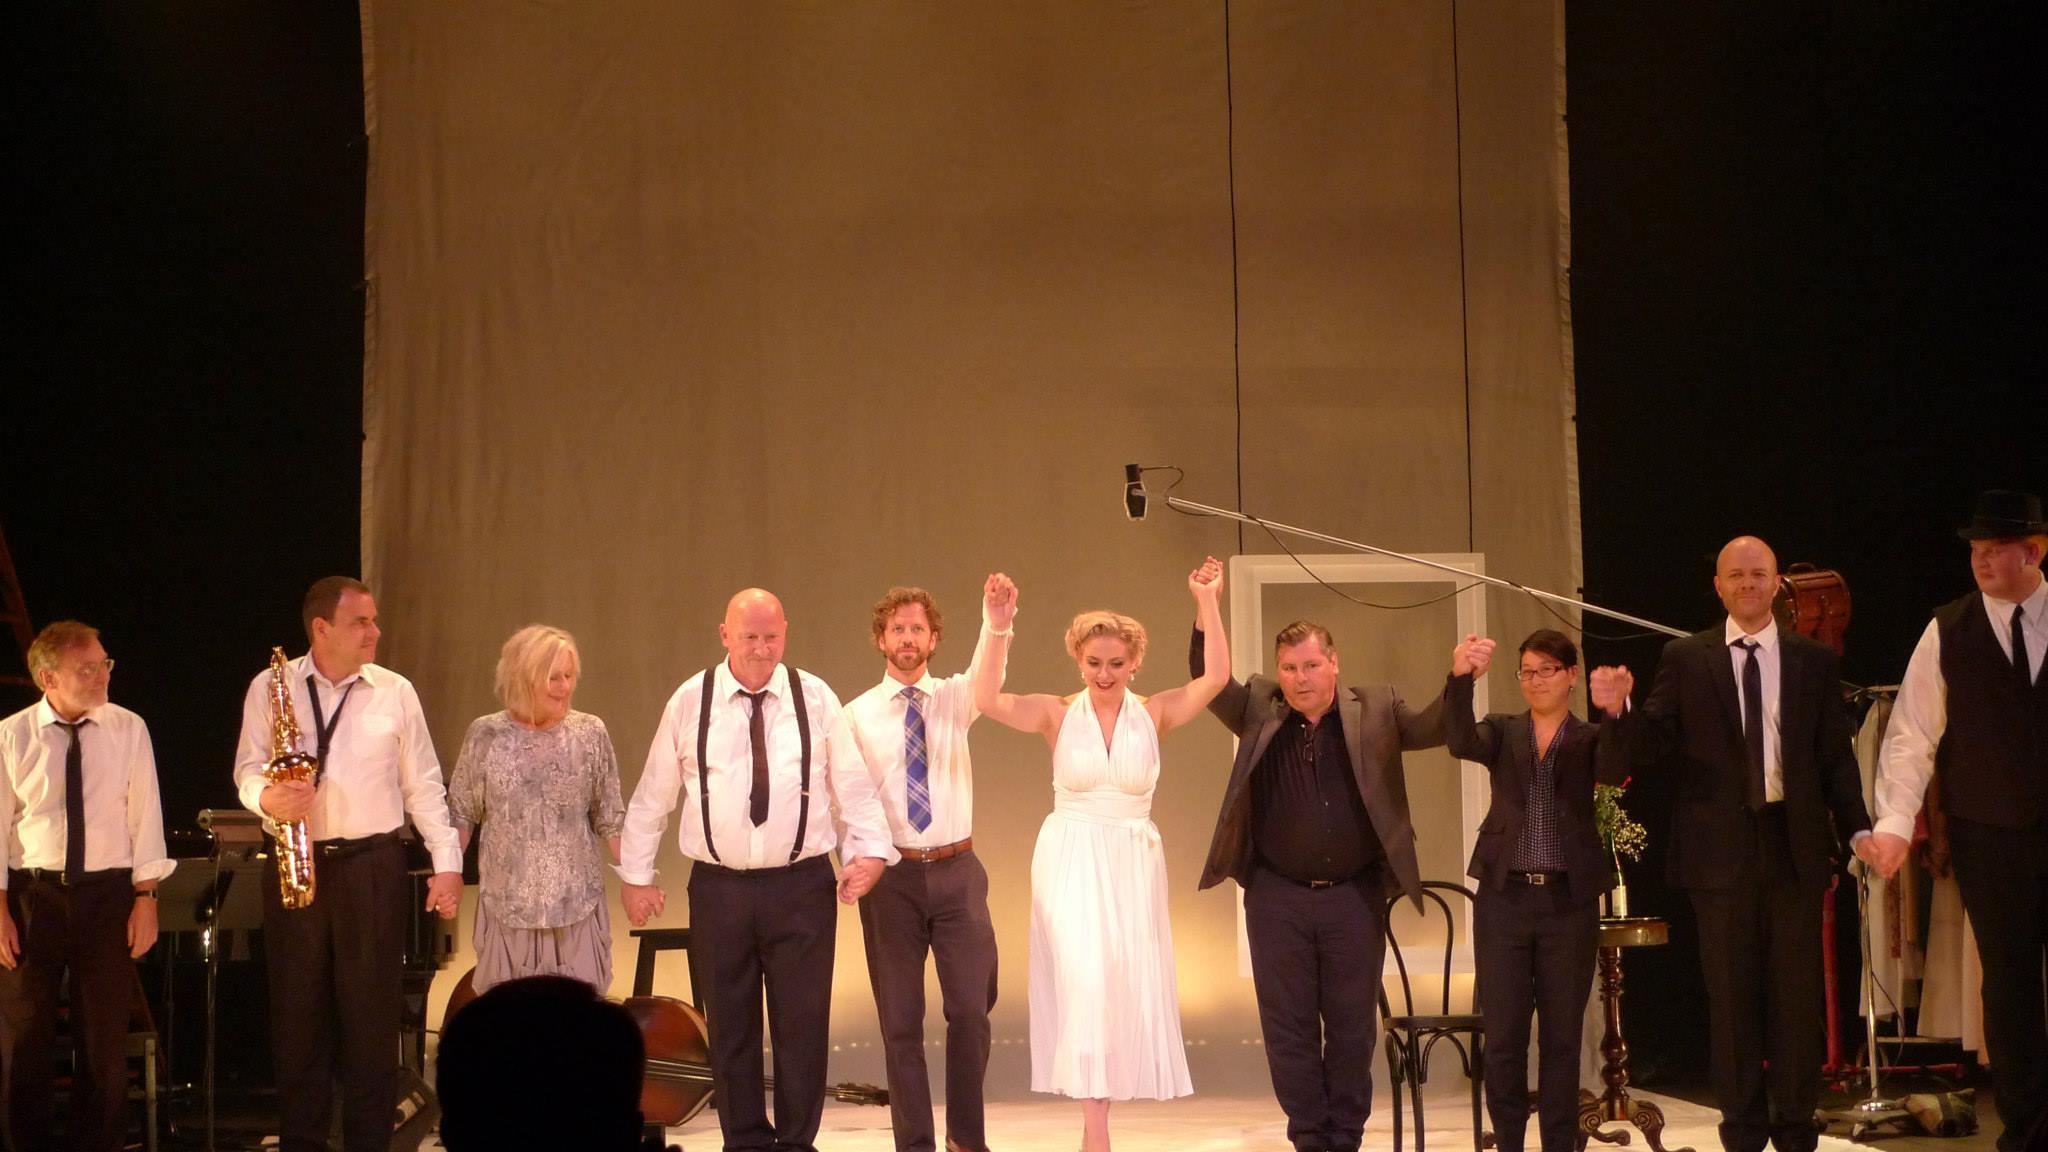 Marilyn Forever - Opera by Gavin Bryars. Photo by Anthony B. Creamer